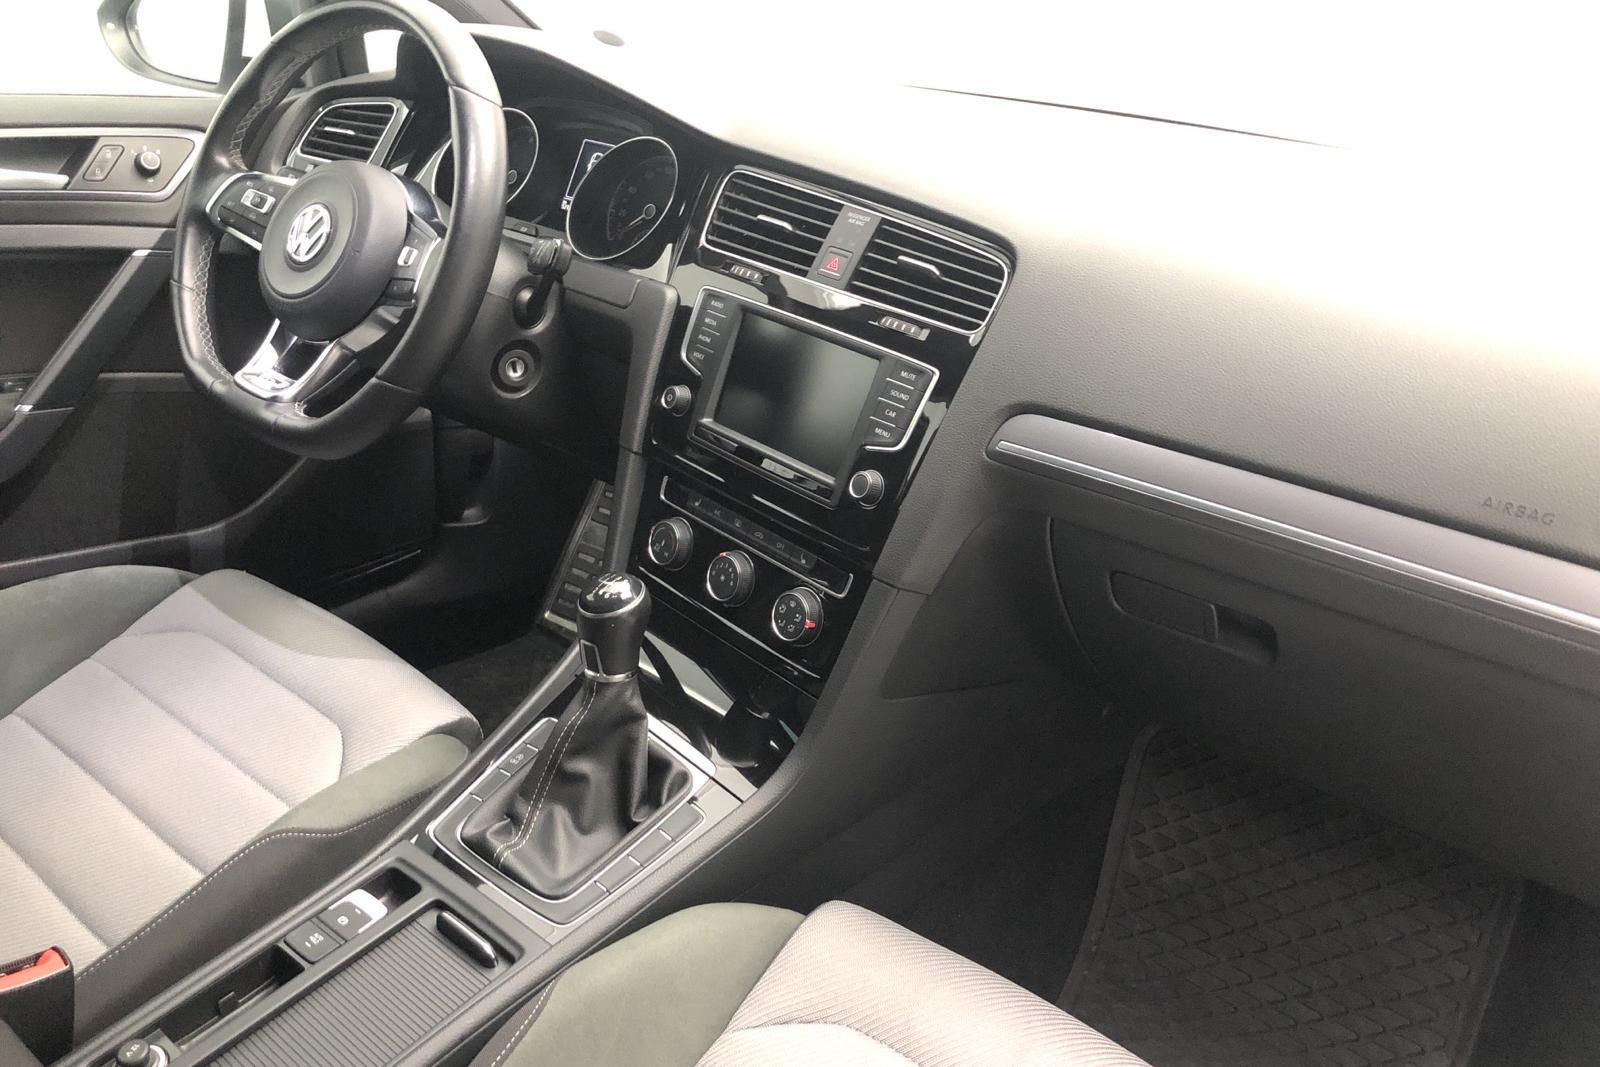 VW Golf VII 1.4 TSI 5dr (150hk) - 53 000 km - Manual - white - 2017